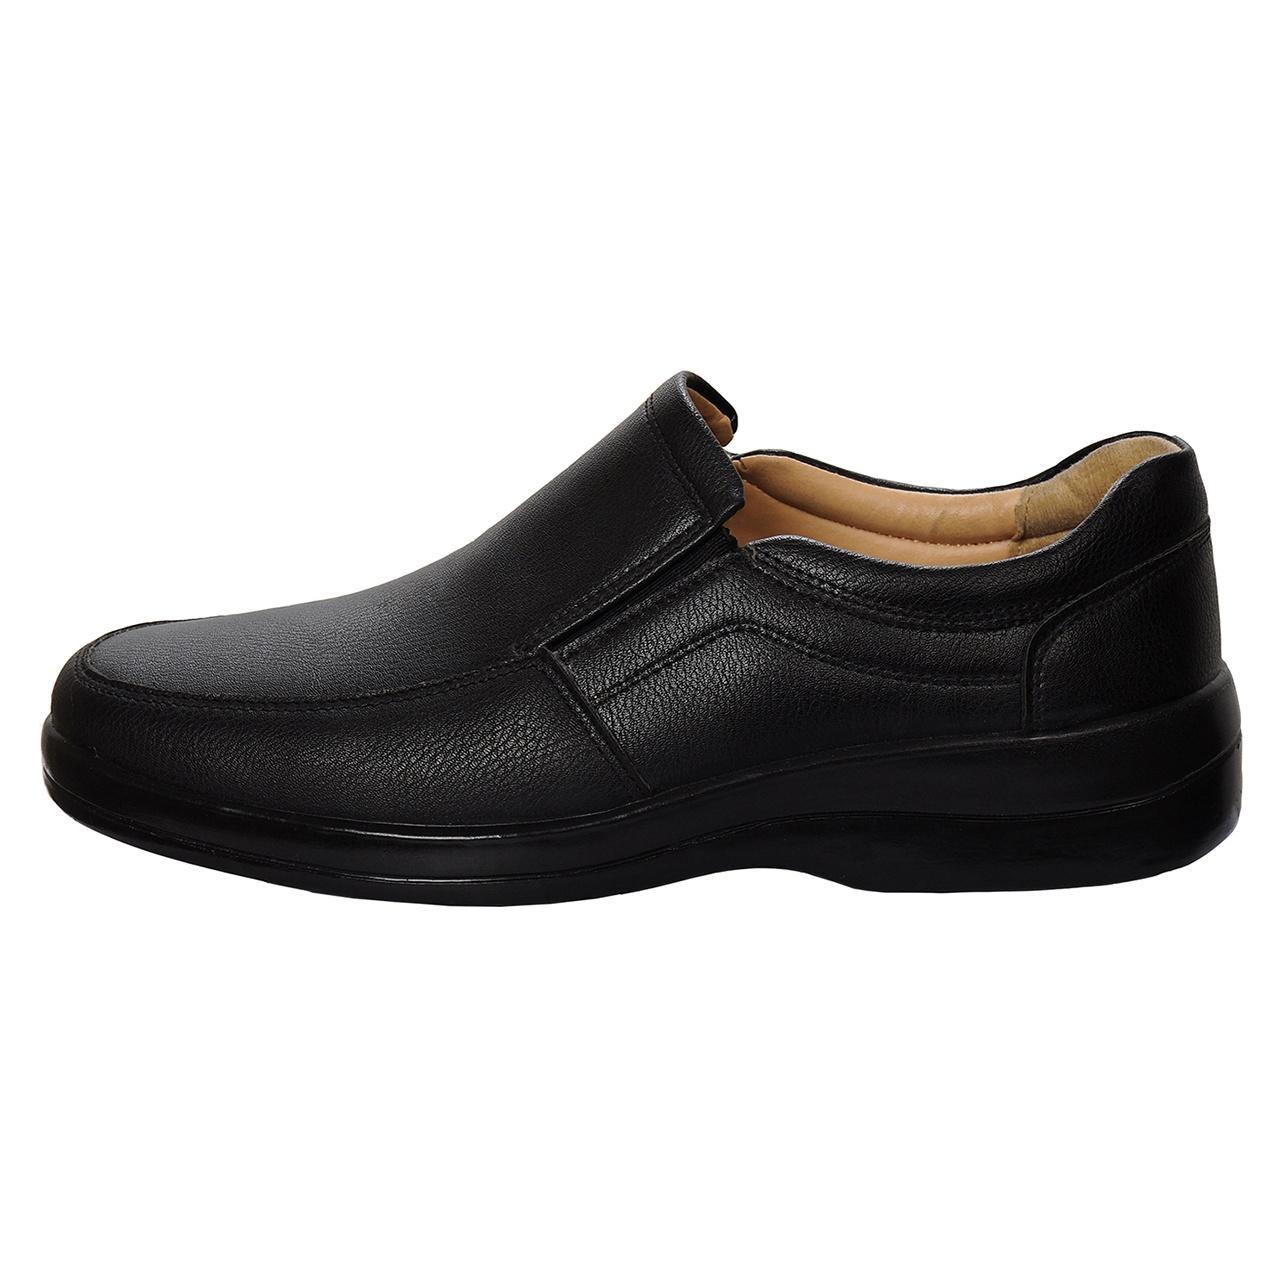 کفش روزمره مردانه کد NG M 2018